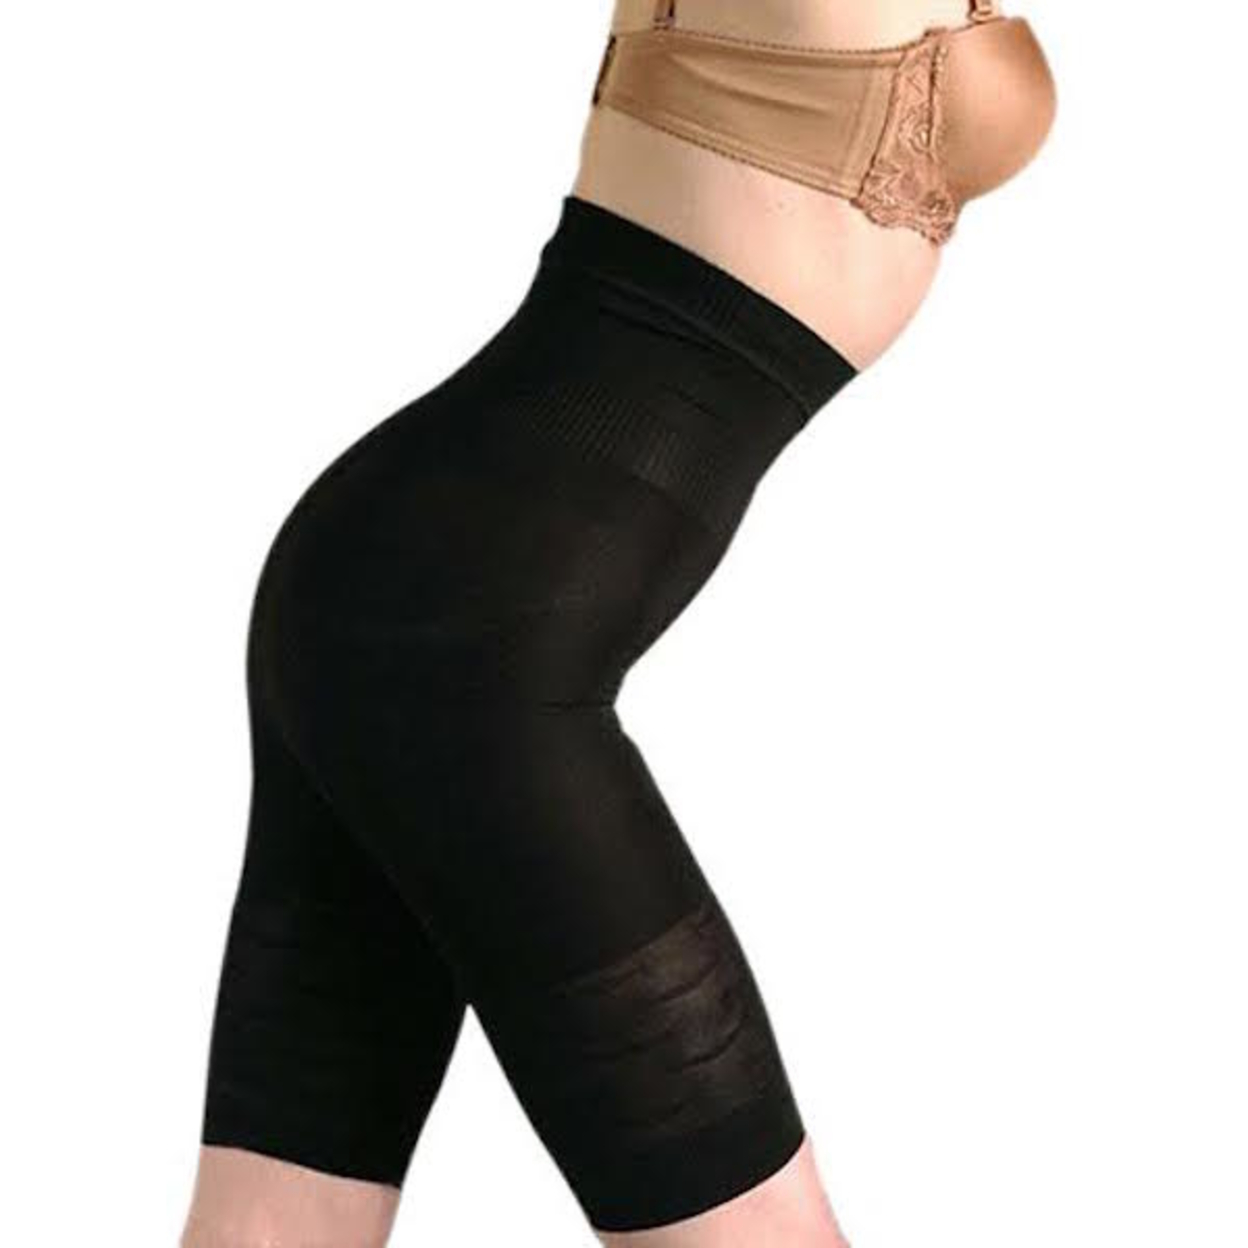 Slim and Lift Pants - Small, Black 563cf34f893d6fdb5f8b4a3c